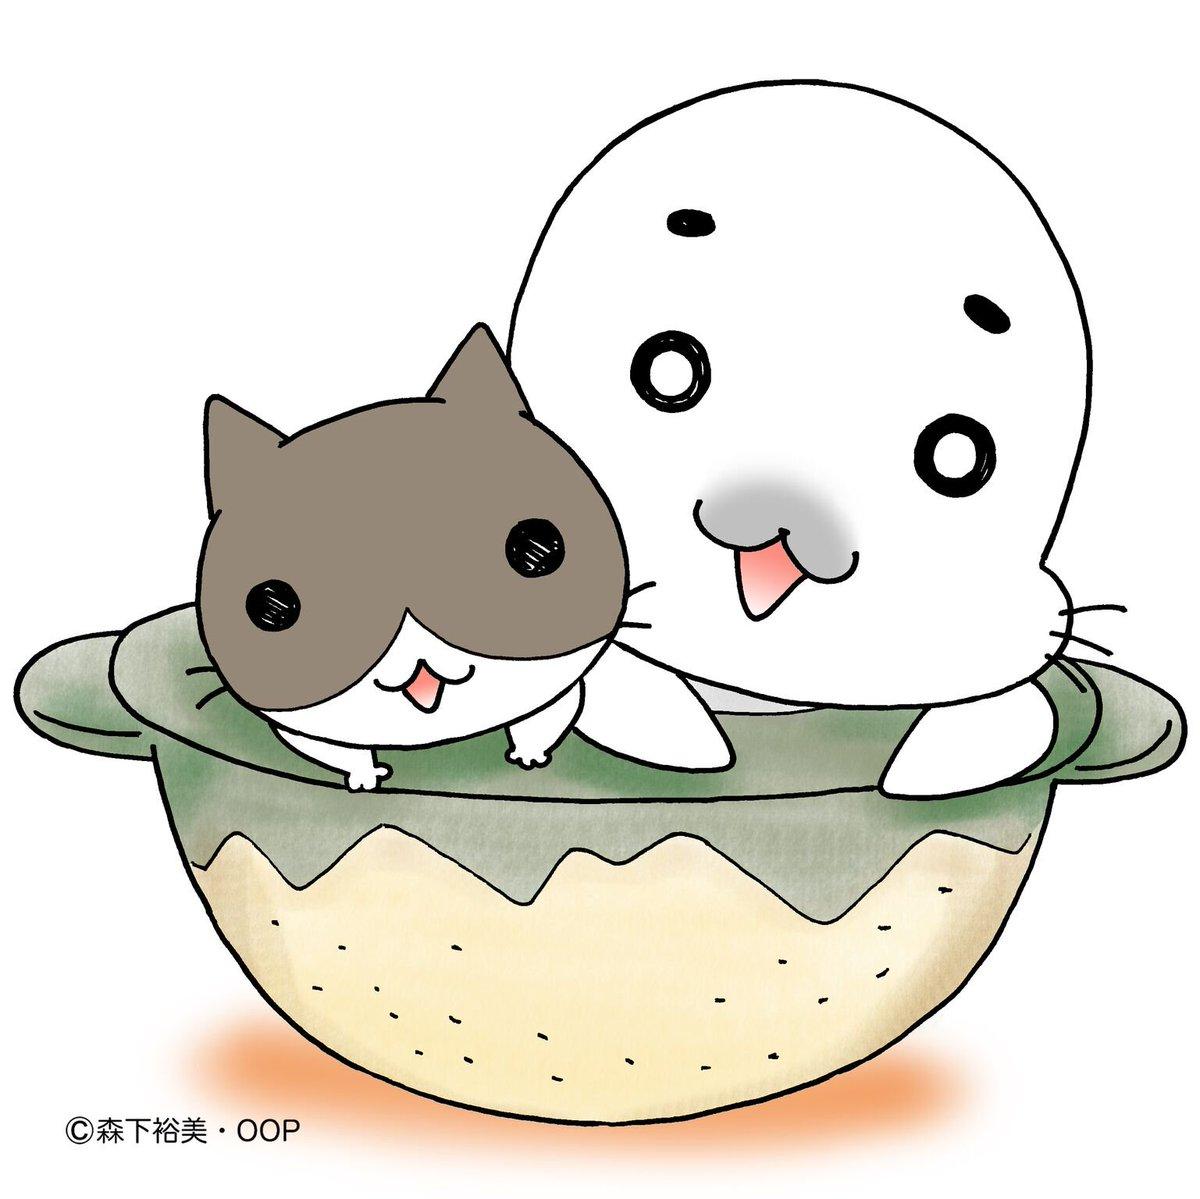 今年のネコの日は間も無く終了。また来年!それまでもっと猫と仲良くなろう!#森下裕美 #ネコの日 #猫の日 #ゴマちゃん